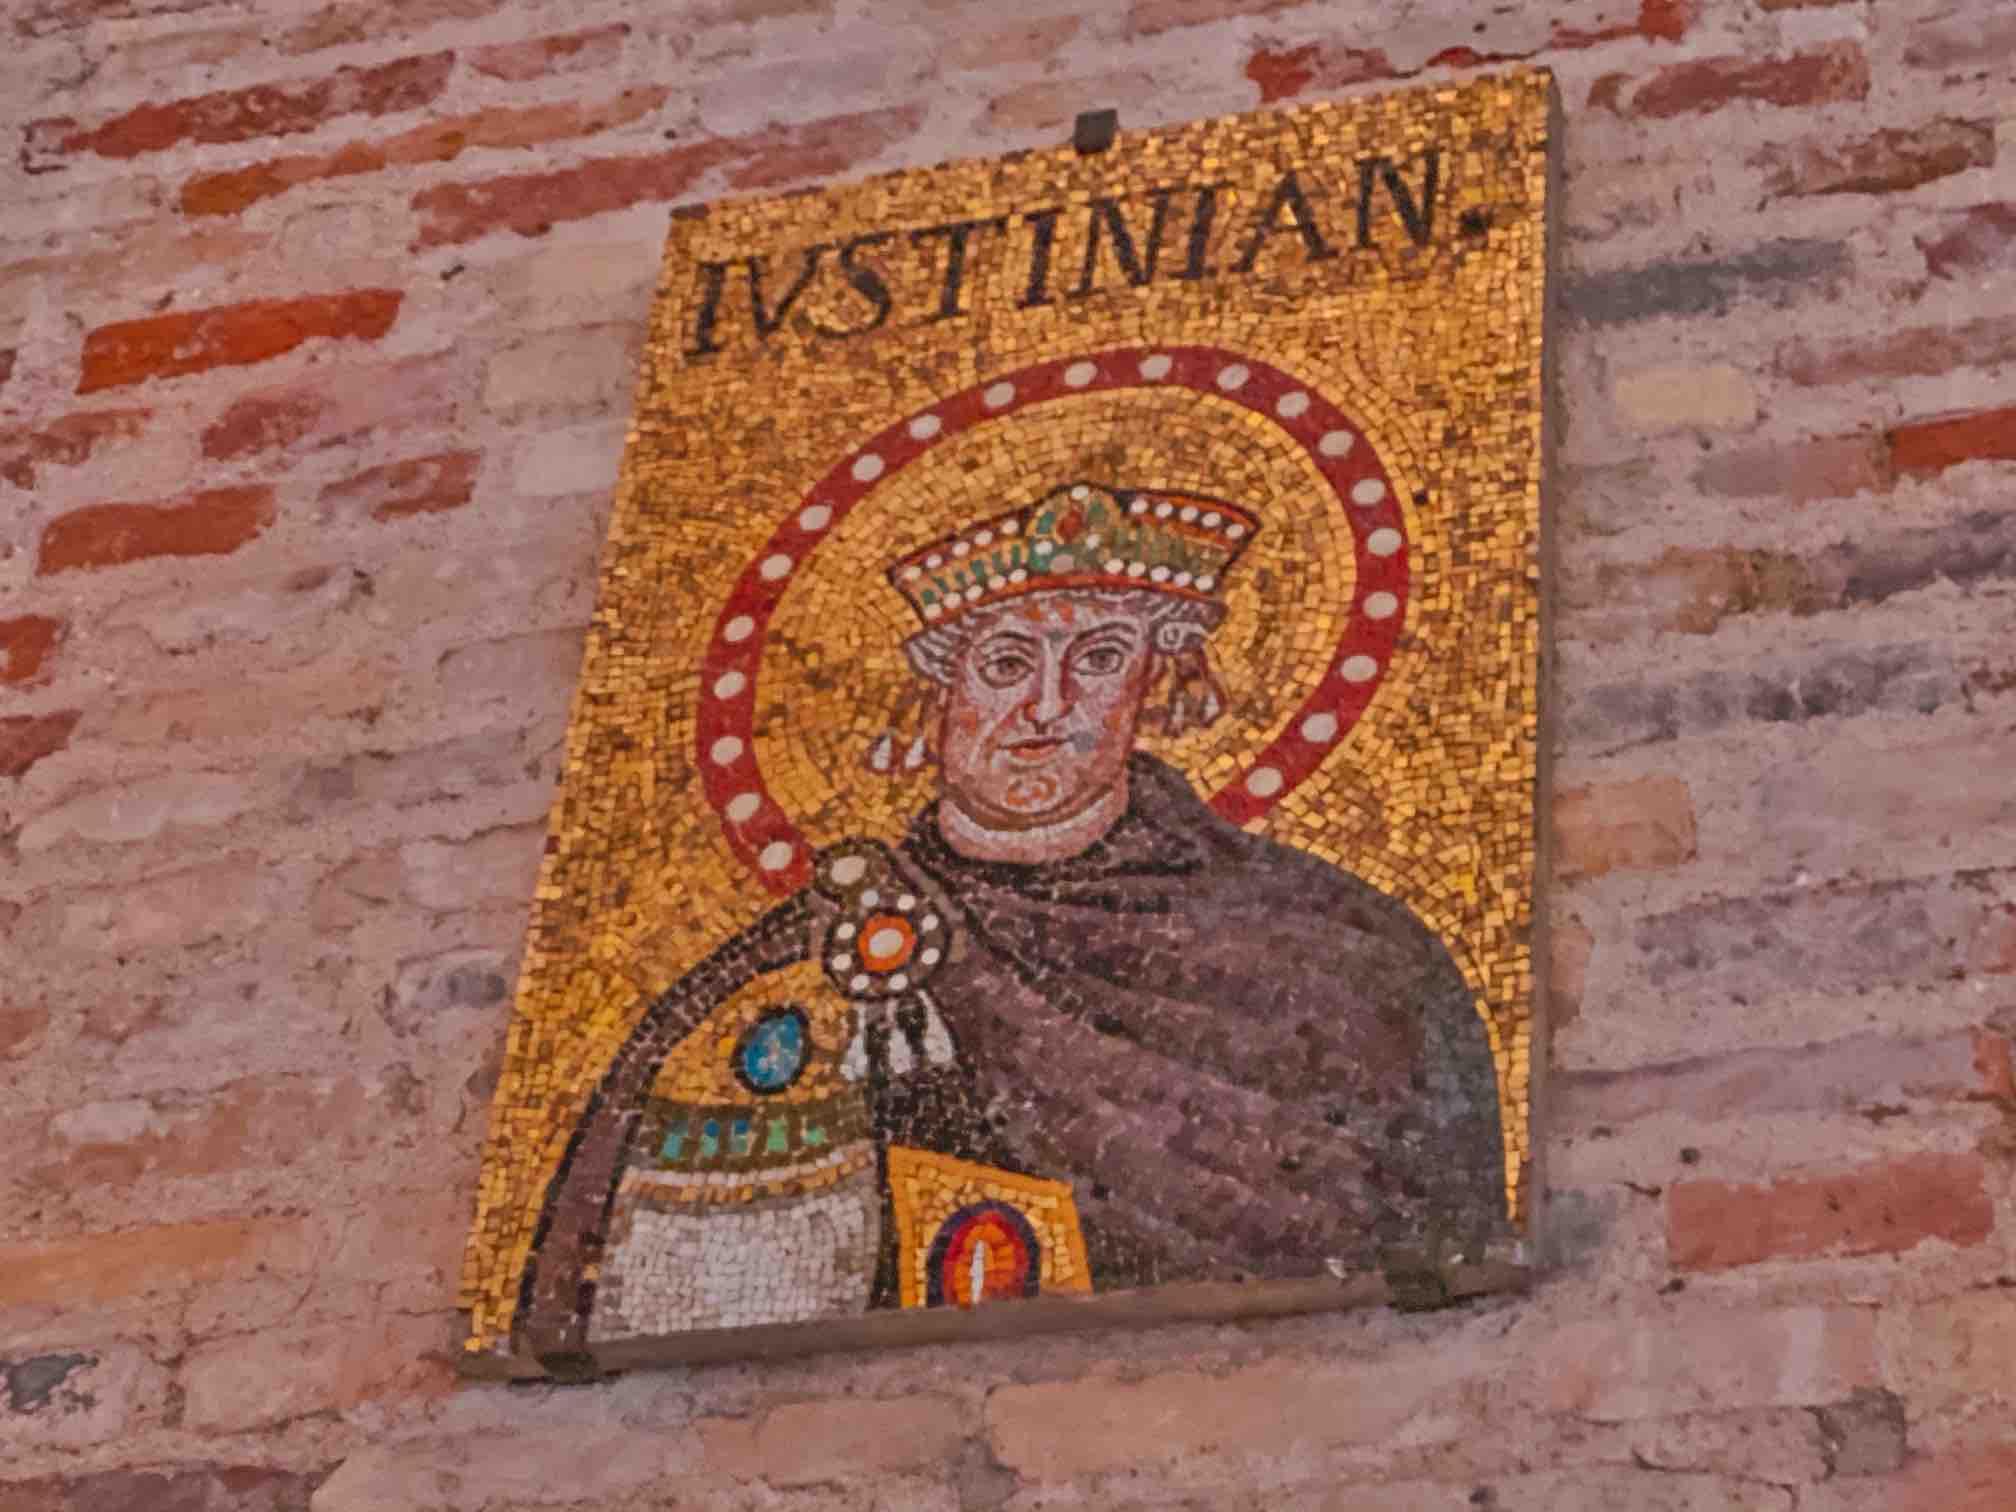 dettaglio di un quadro in mosaico da vedere a Sant'Apollinare Nuovo a Ravenna